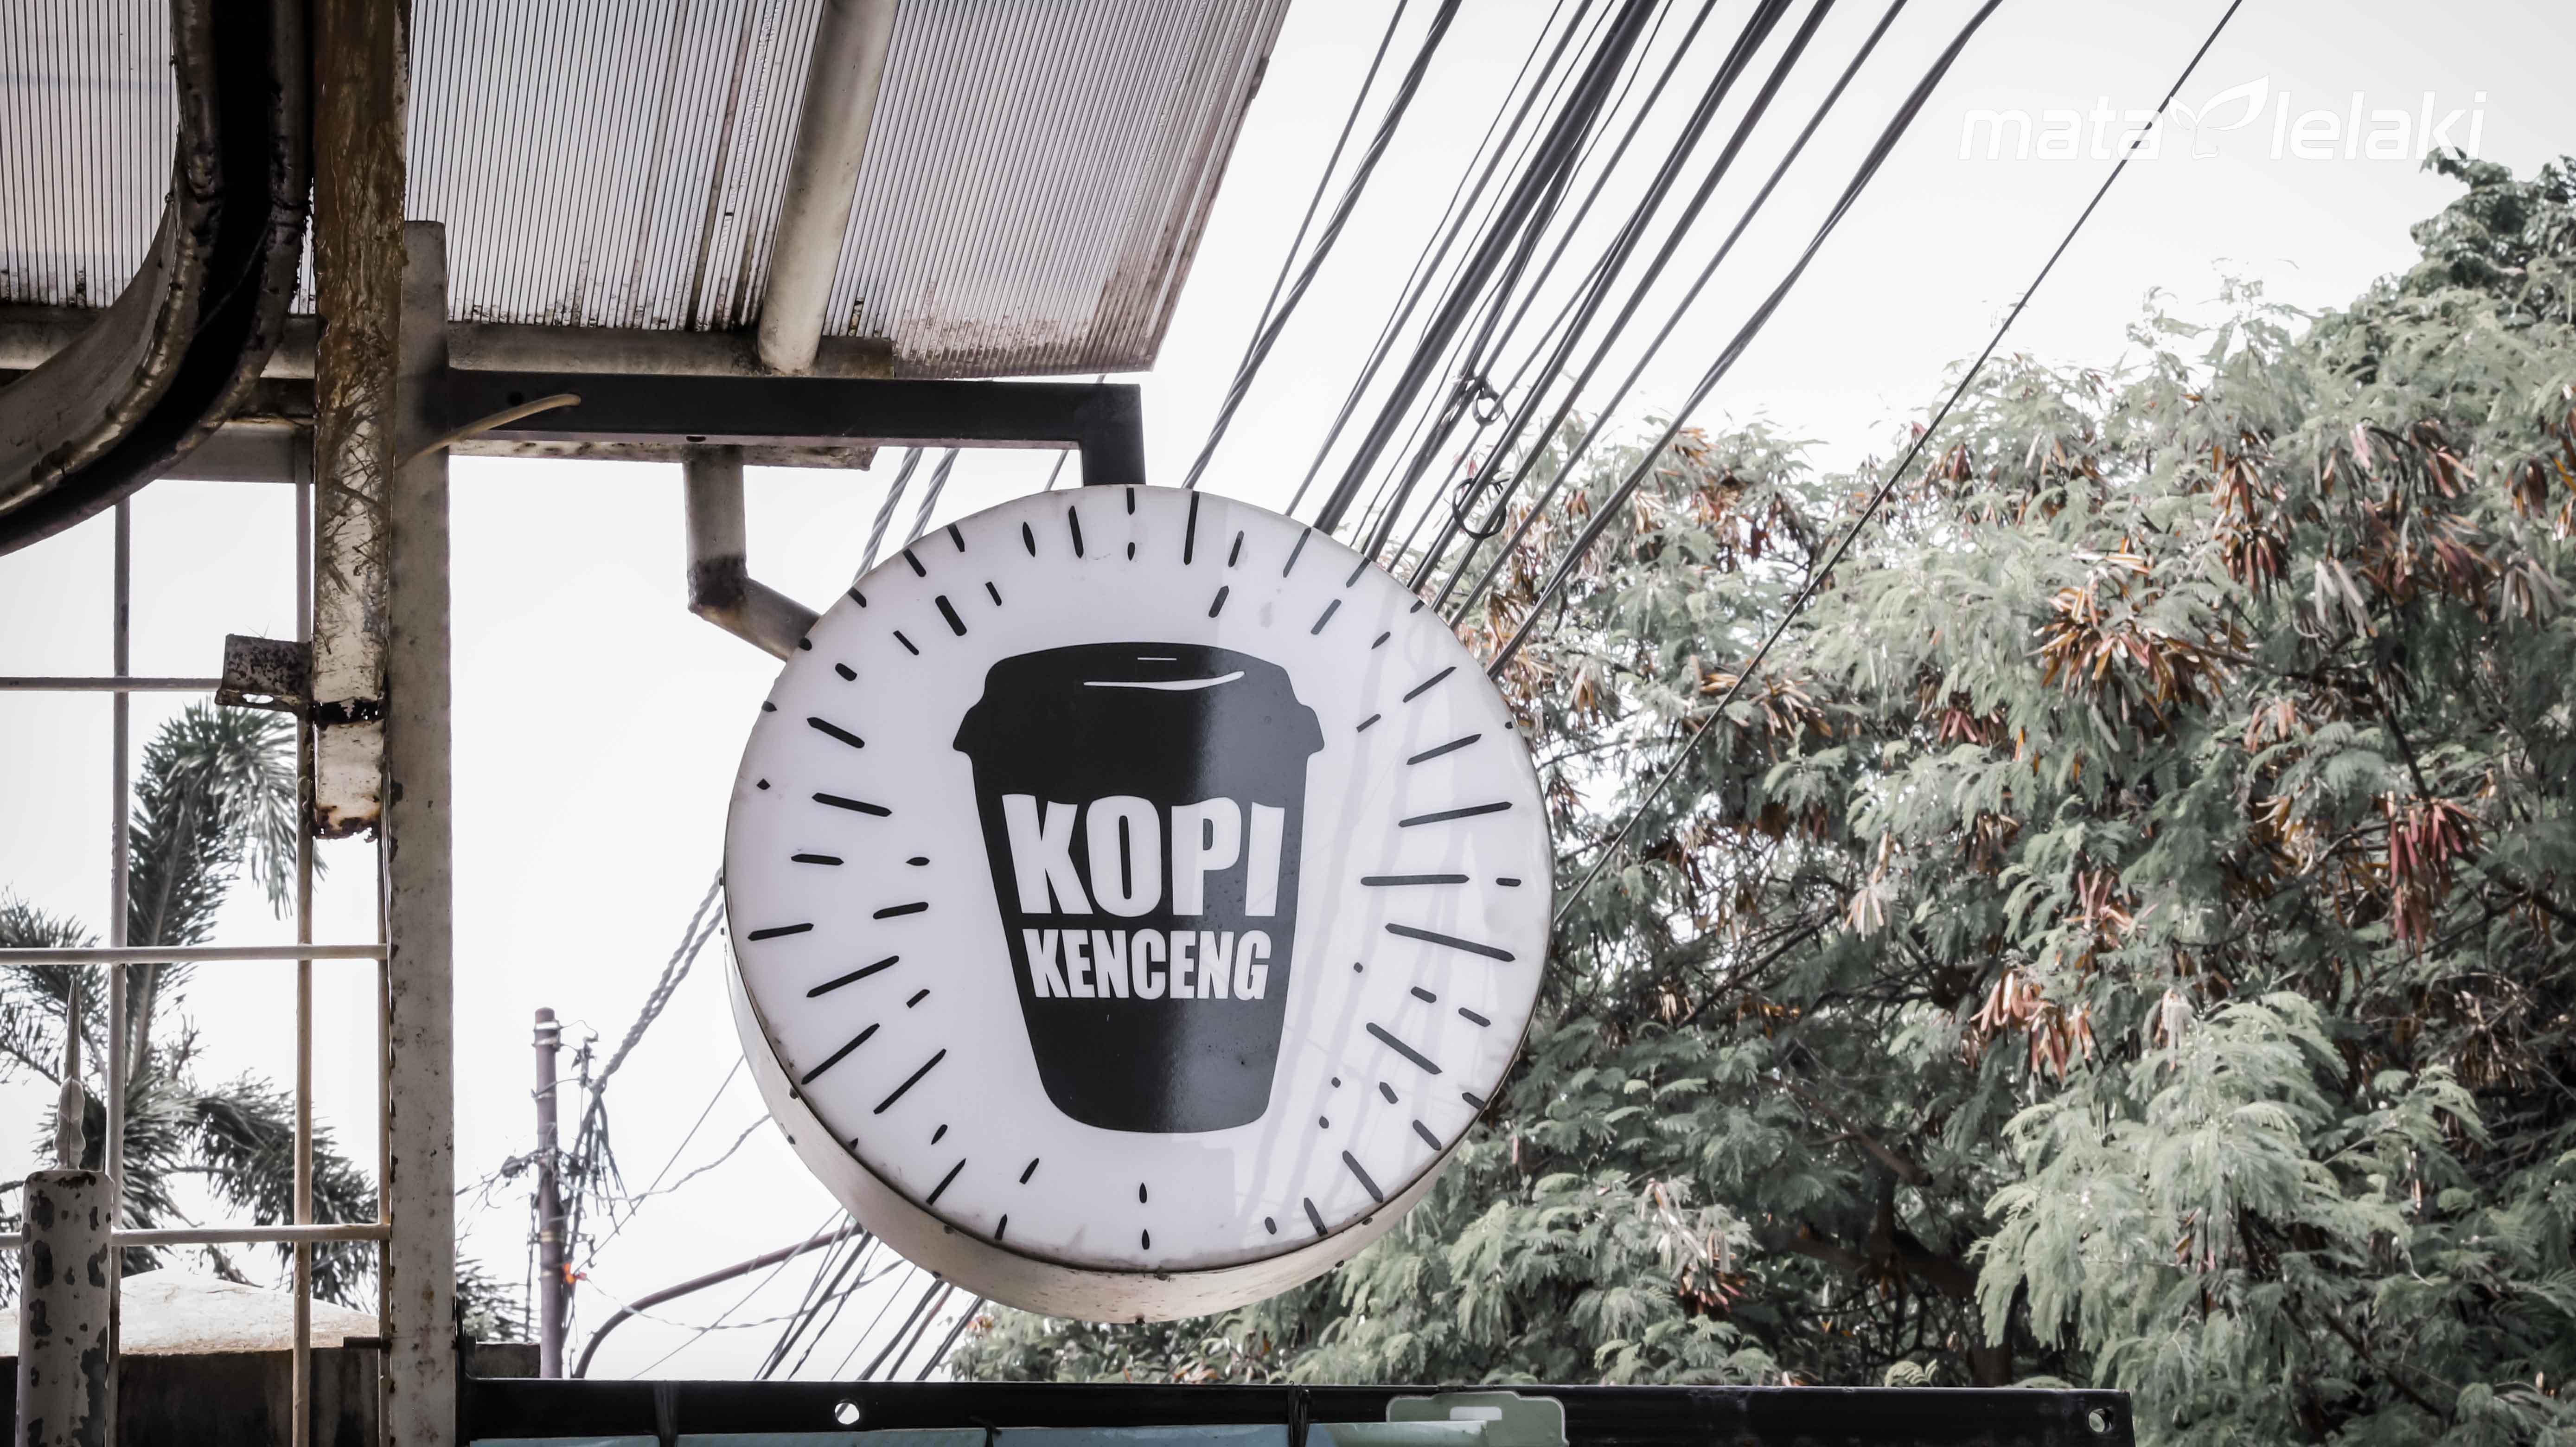 Gallery Foto Kopi Kenceng